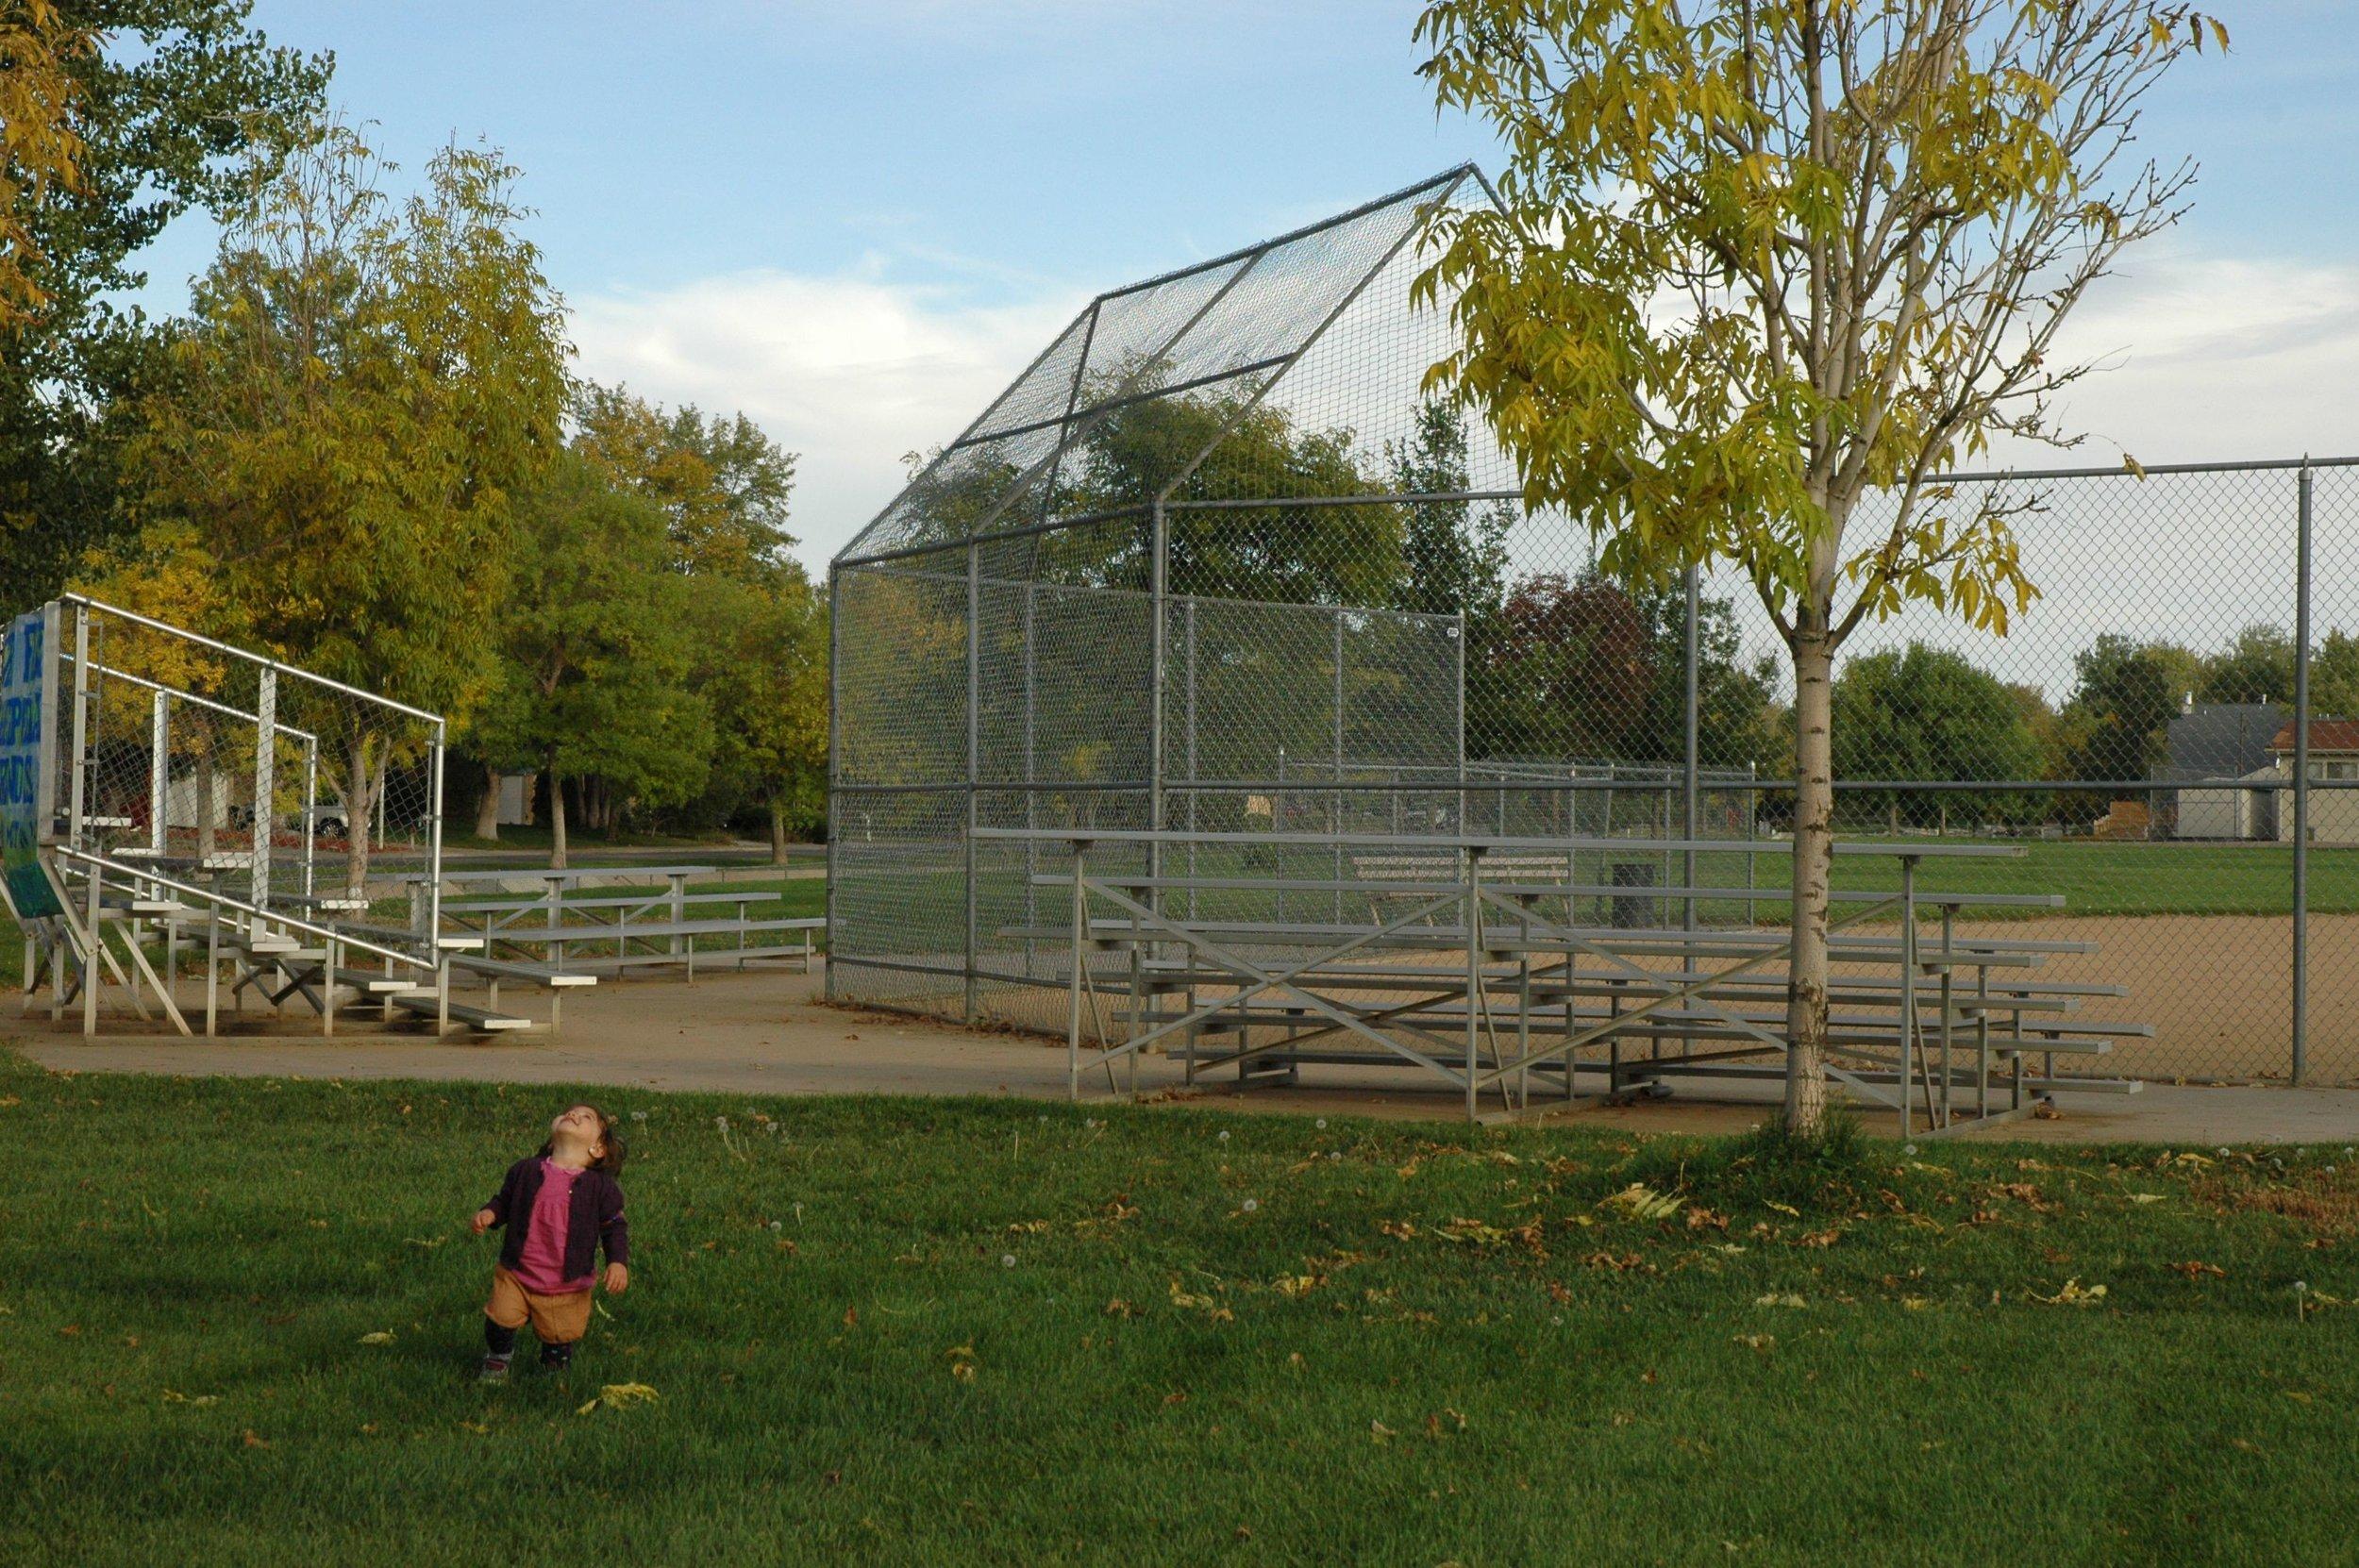 park bleachers